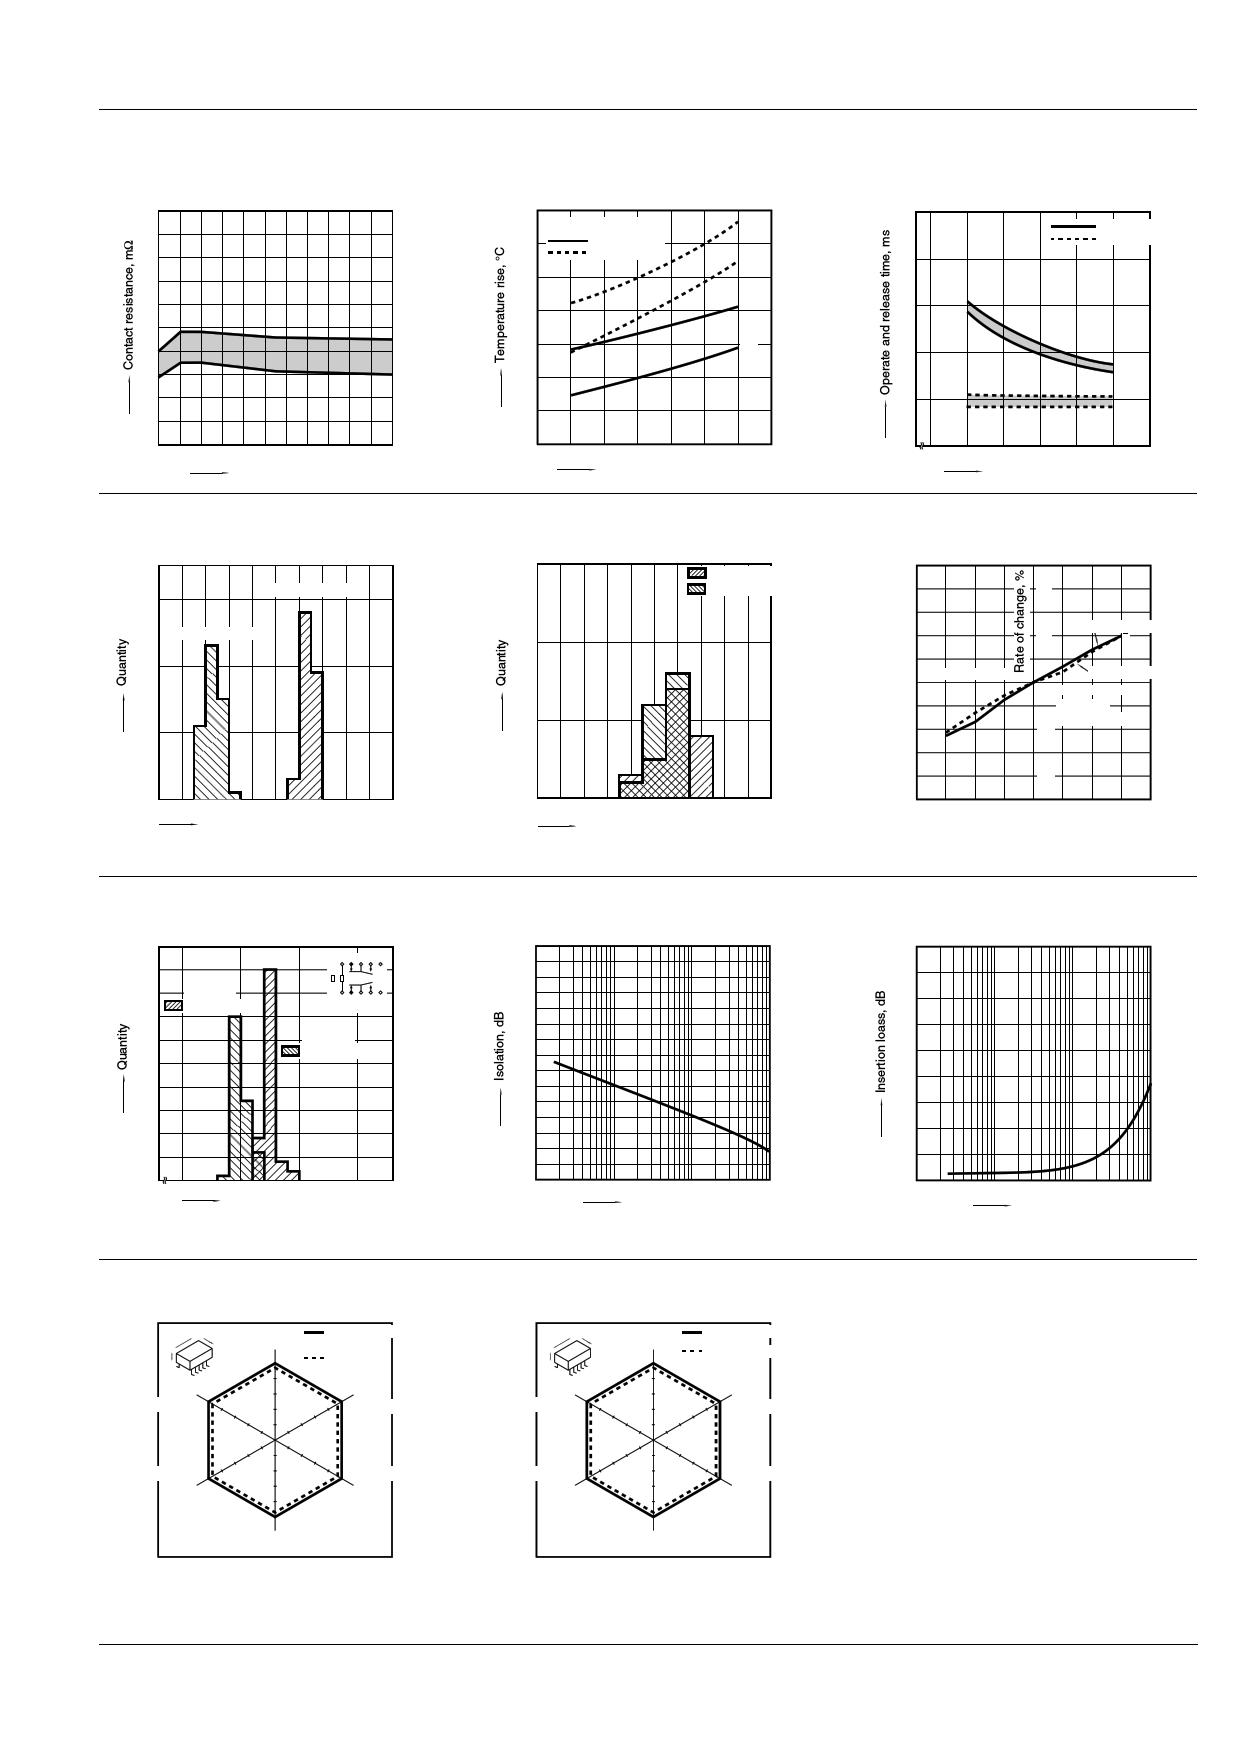 TQ2SS-L-9V pdf, 반도체, 판매, 대치품